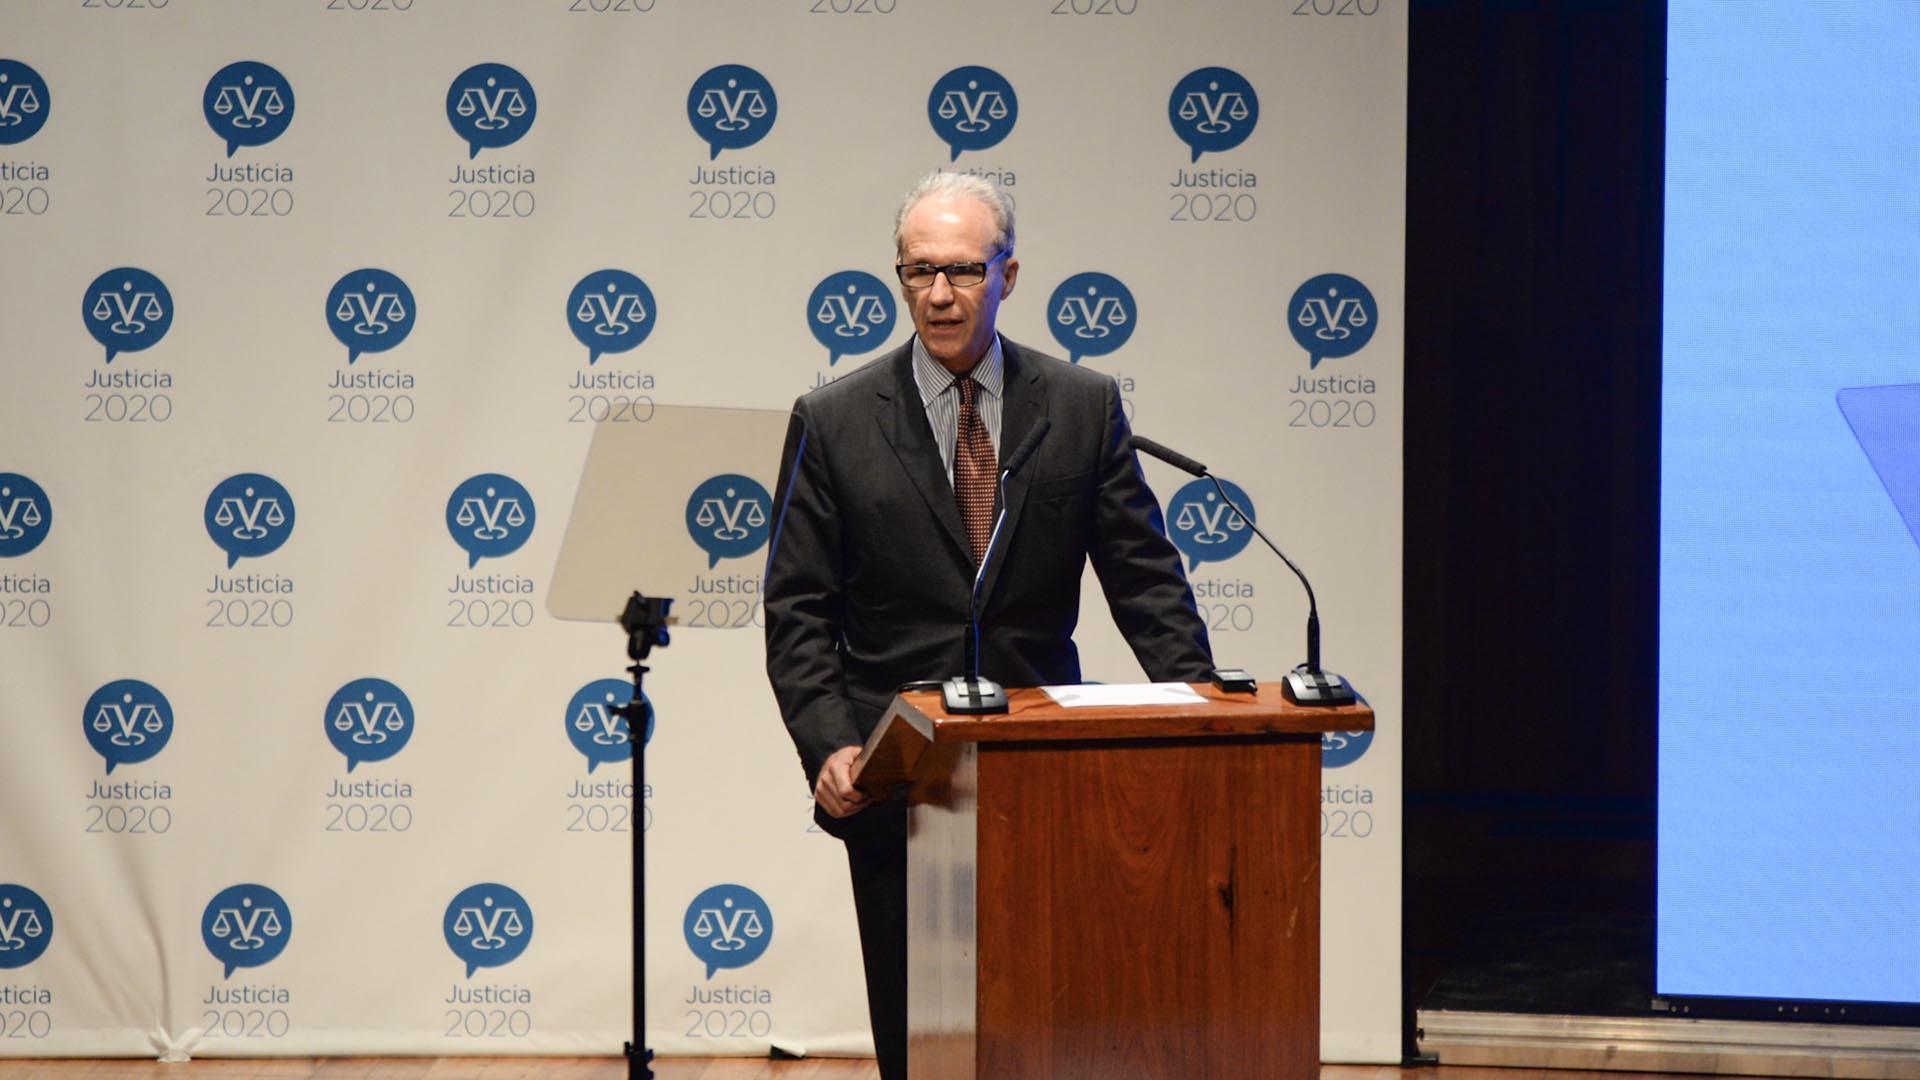 Carlos Rosenkrantz, presidente de la Corte Suprema (Foto: Julieta Ferrario)